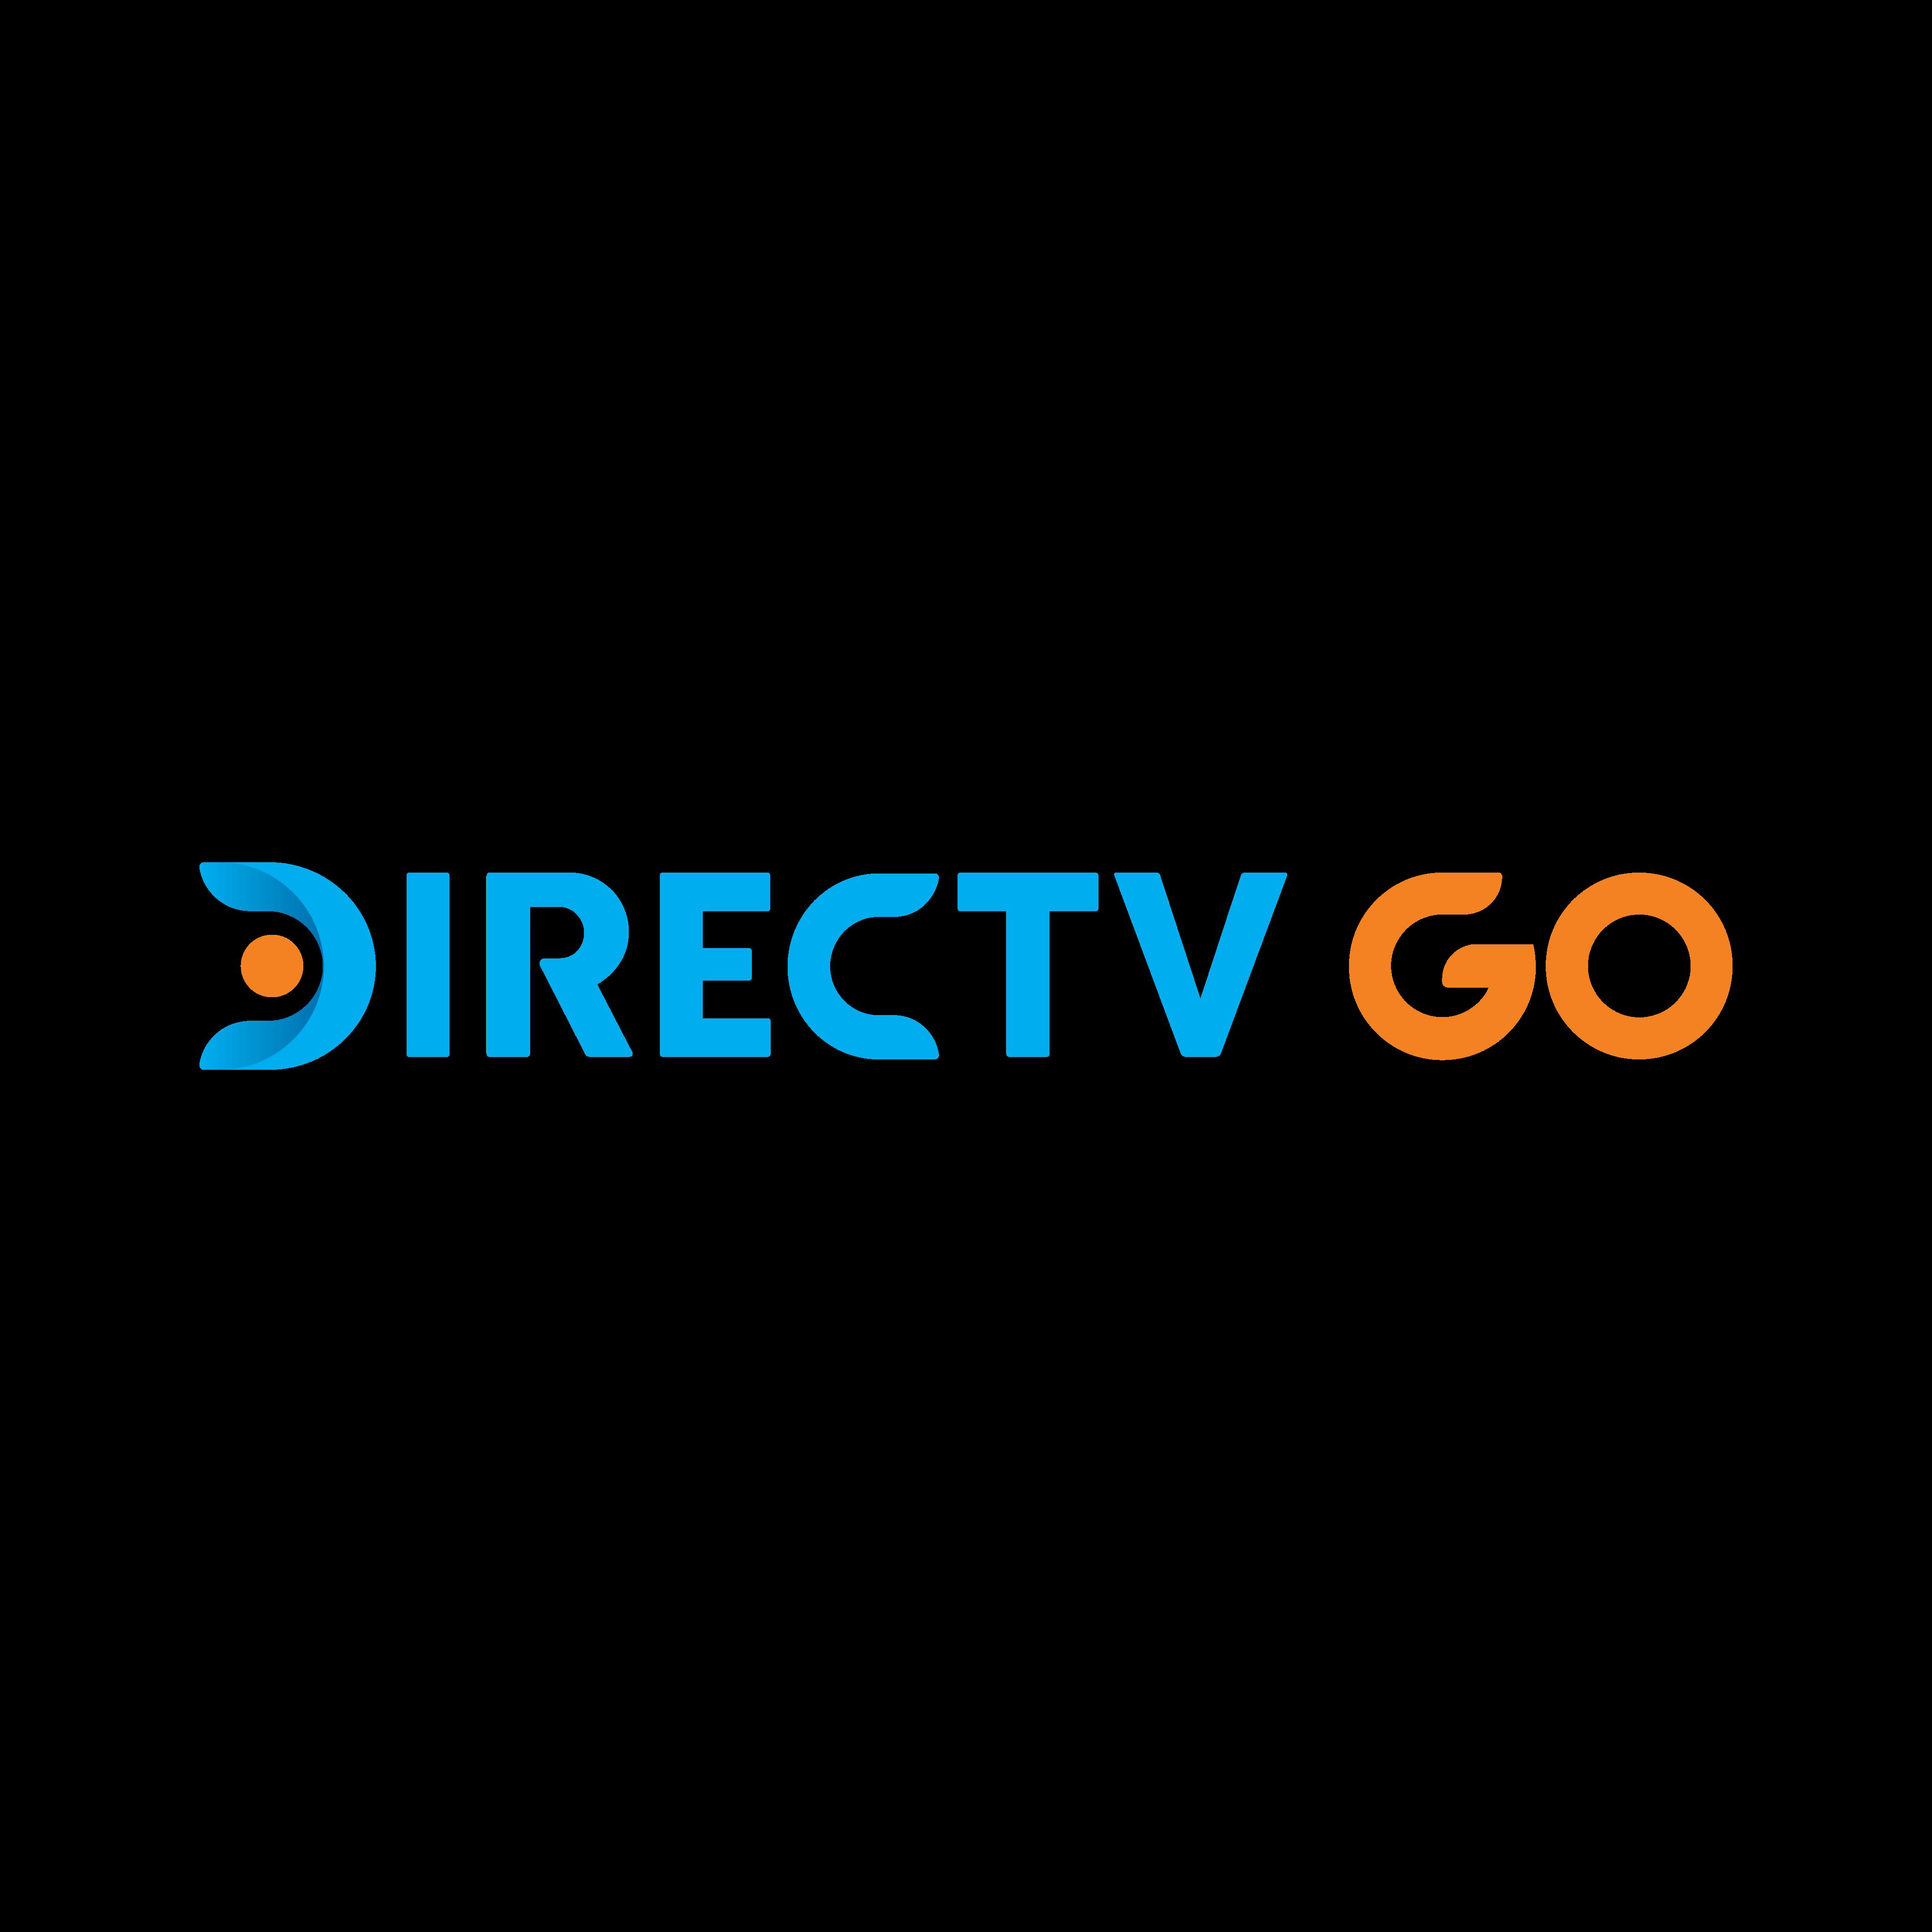 directvgo logo logo 0 - DirecTV Go Logo